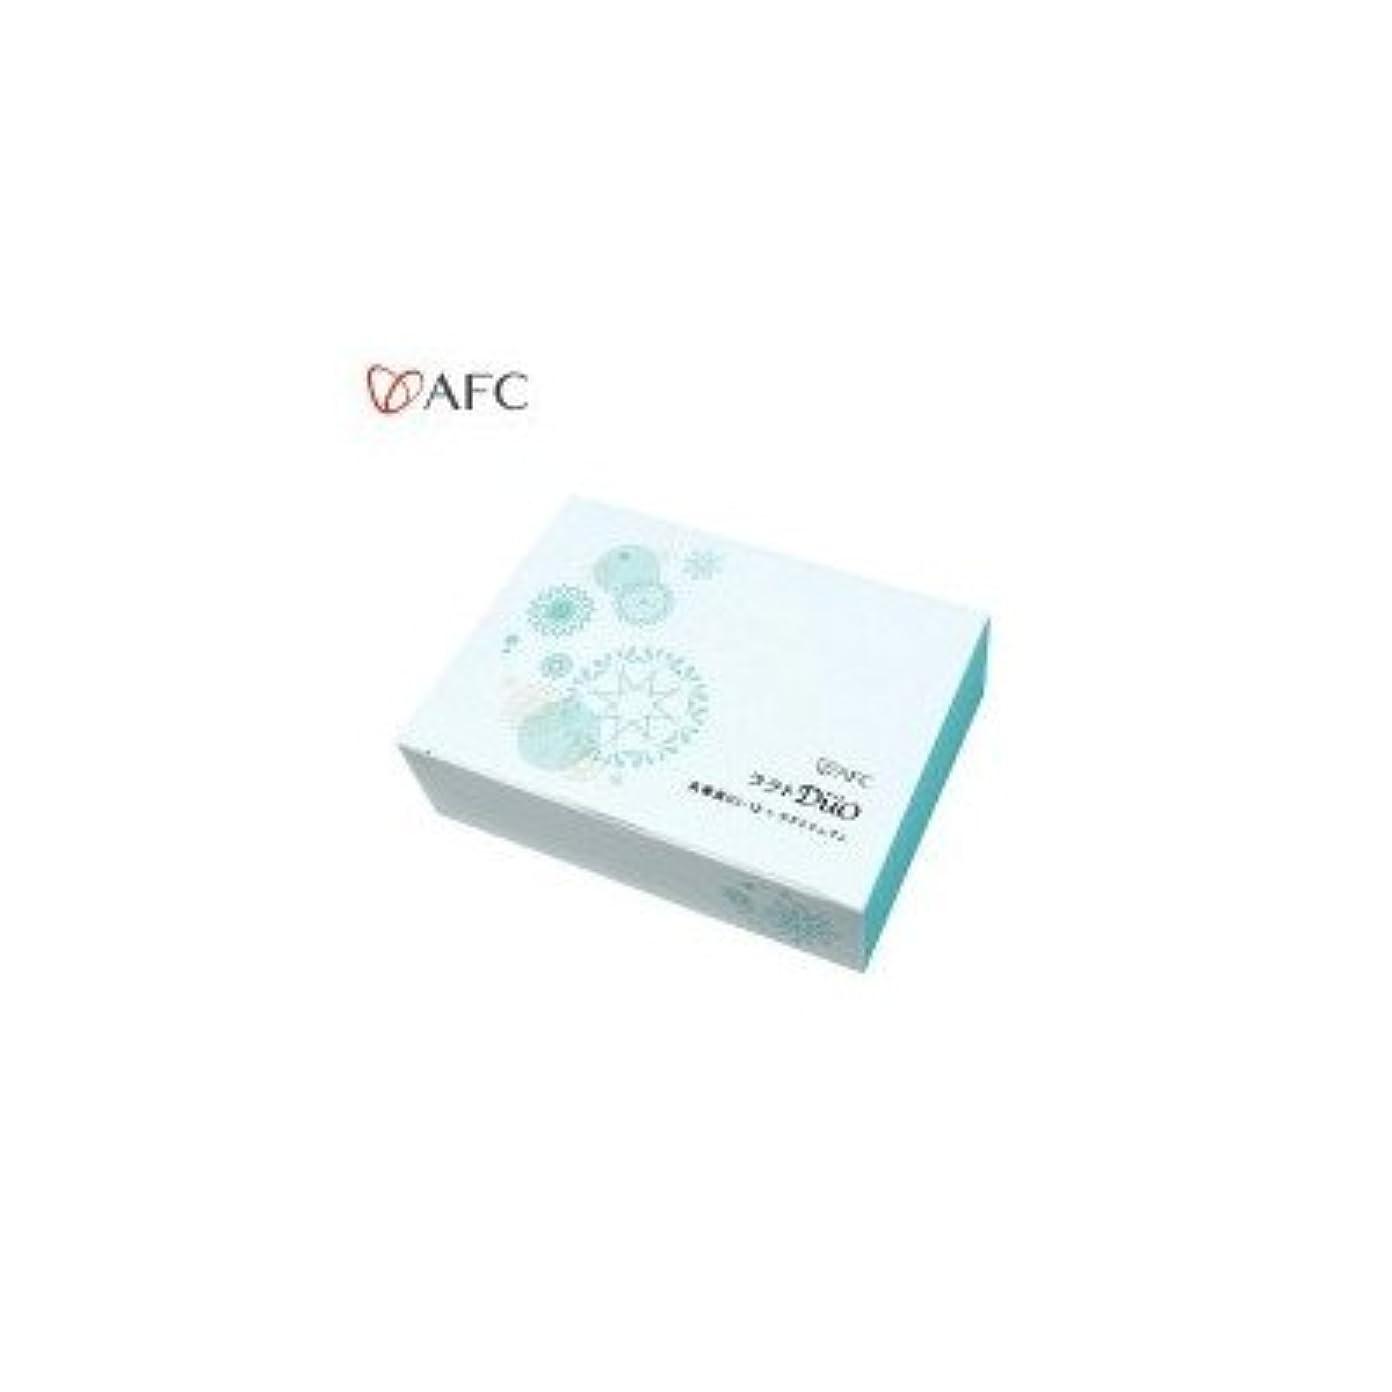 予防接種する軽量版AFC ラクトDuoデュオ(乳酸菌) スティックタイプ 1.5g×45本 7151 「乳酸菌EC-12」を なんと1スティックに1兆個も配合